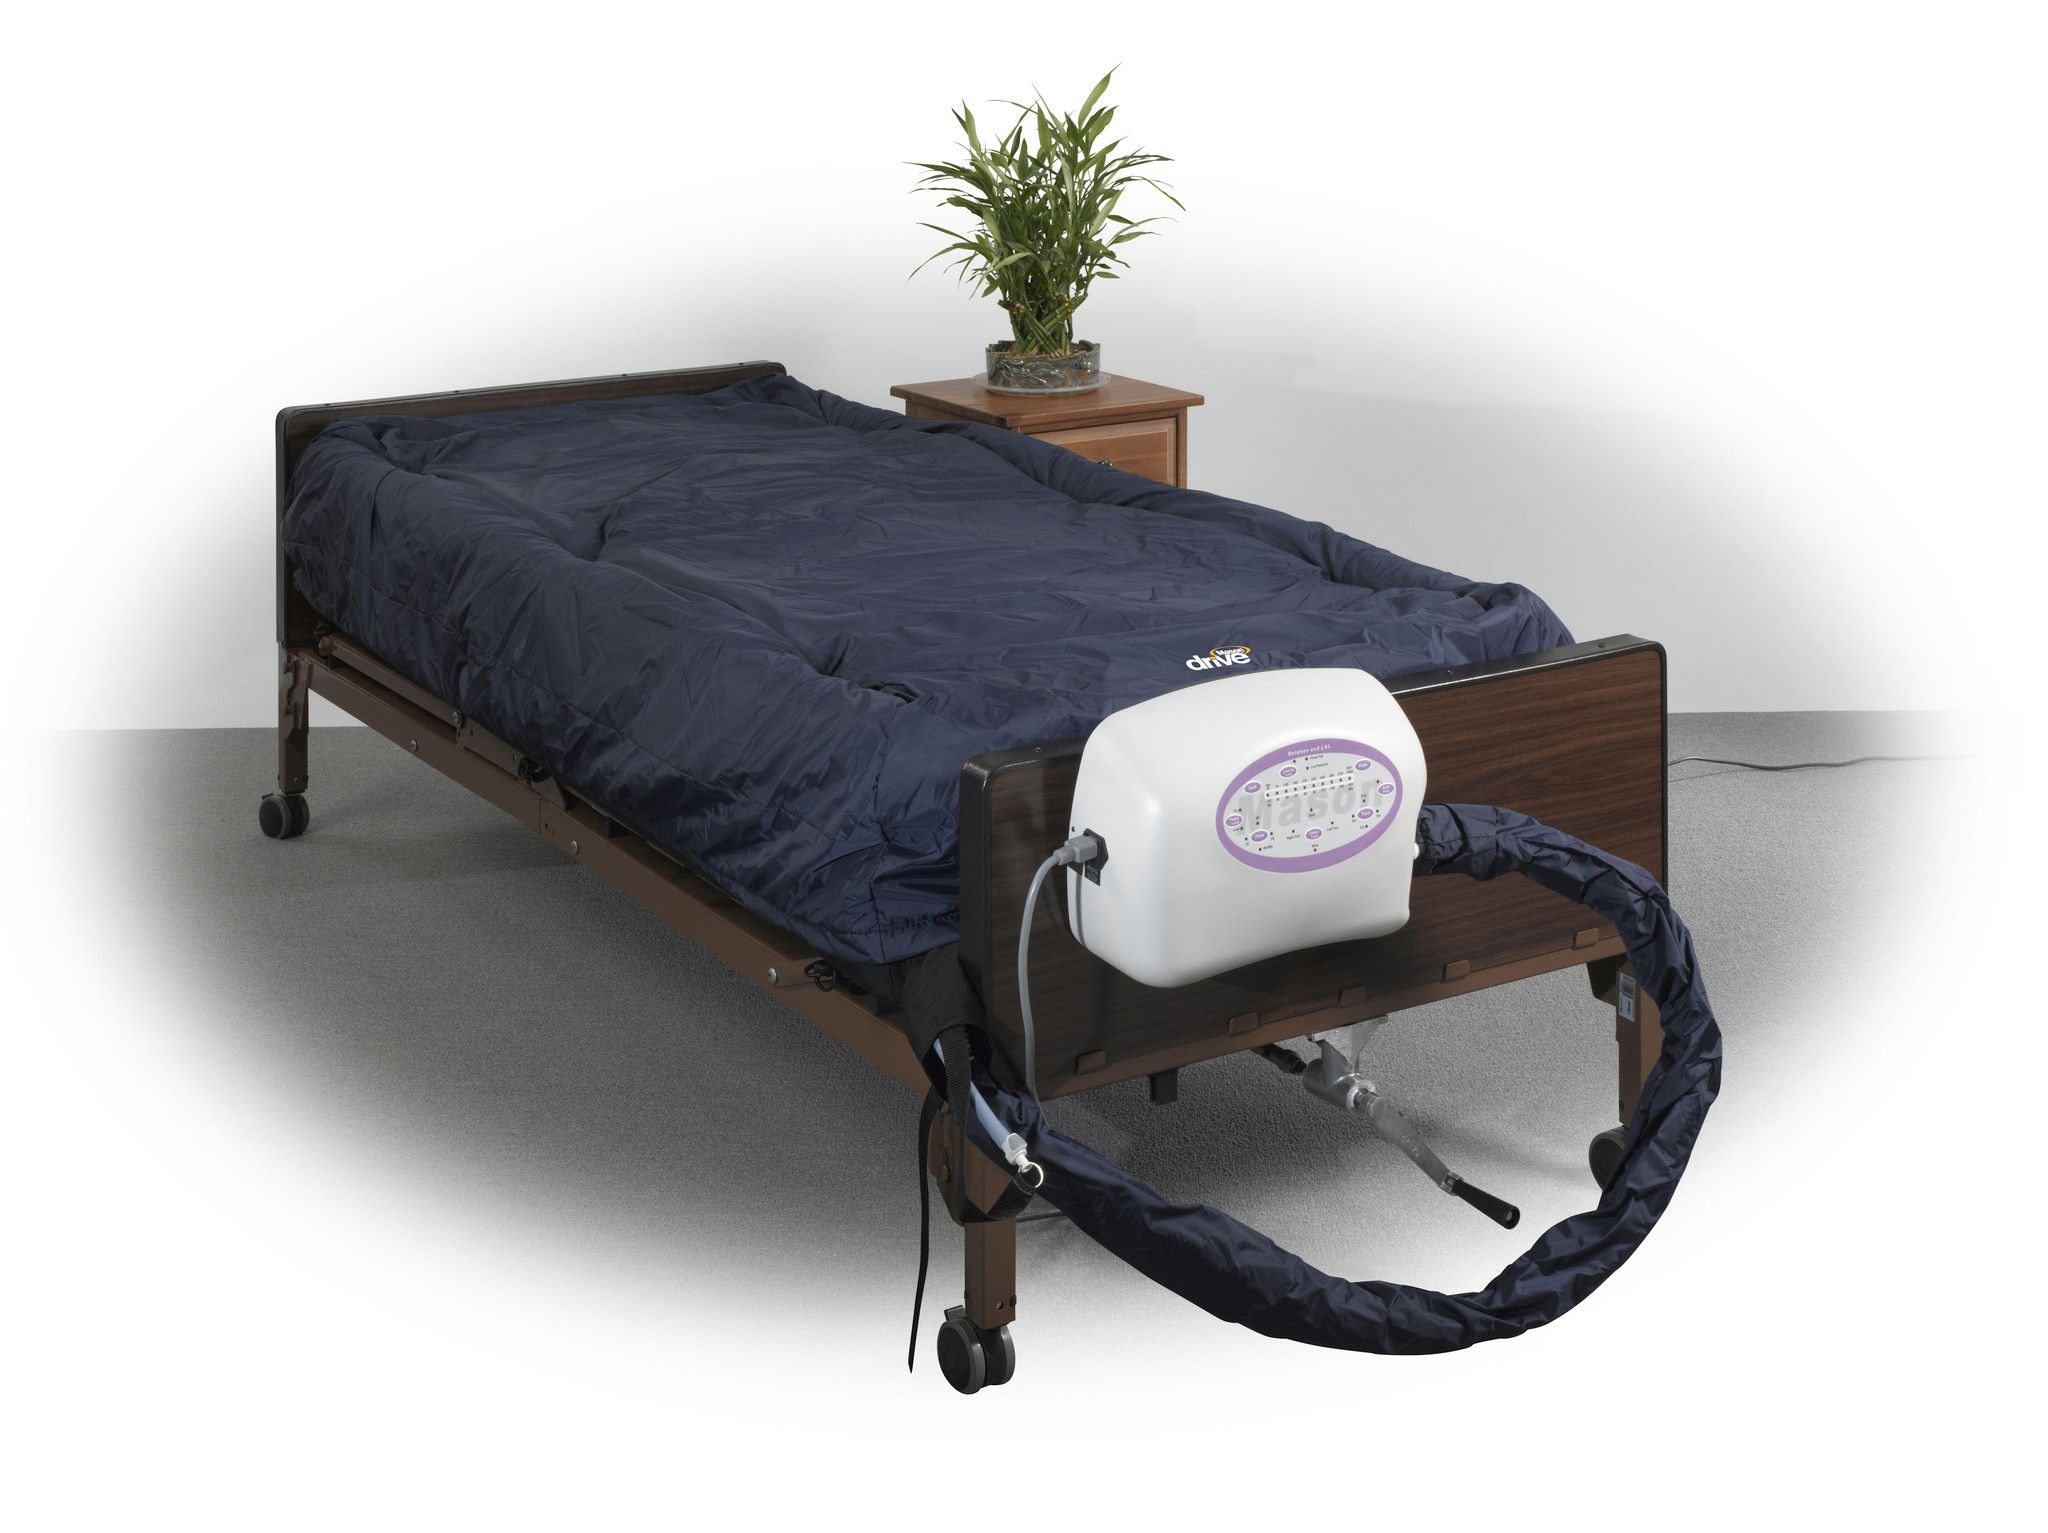 Hospital bed mattress Mattress, Hospital bed, Bed mattress